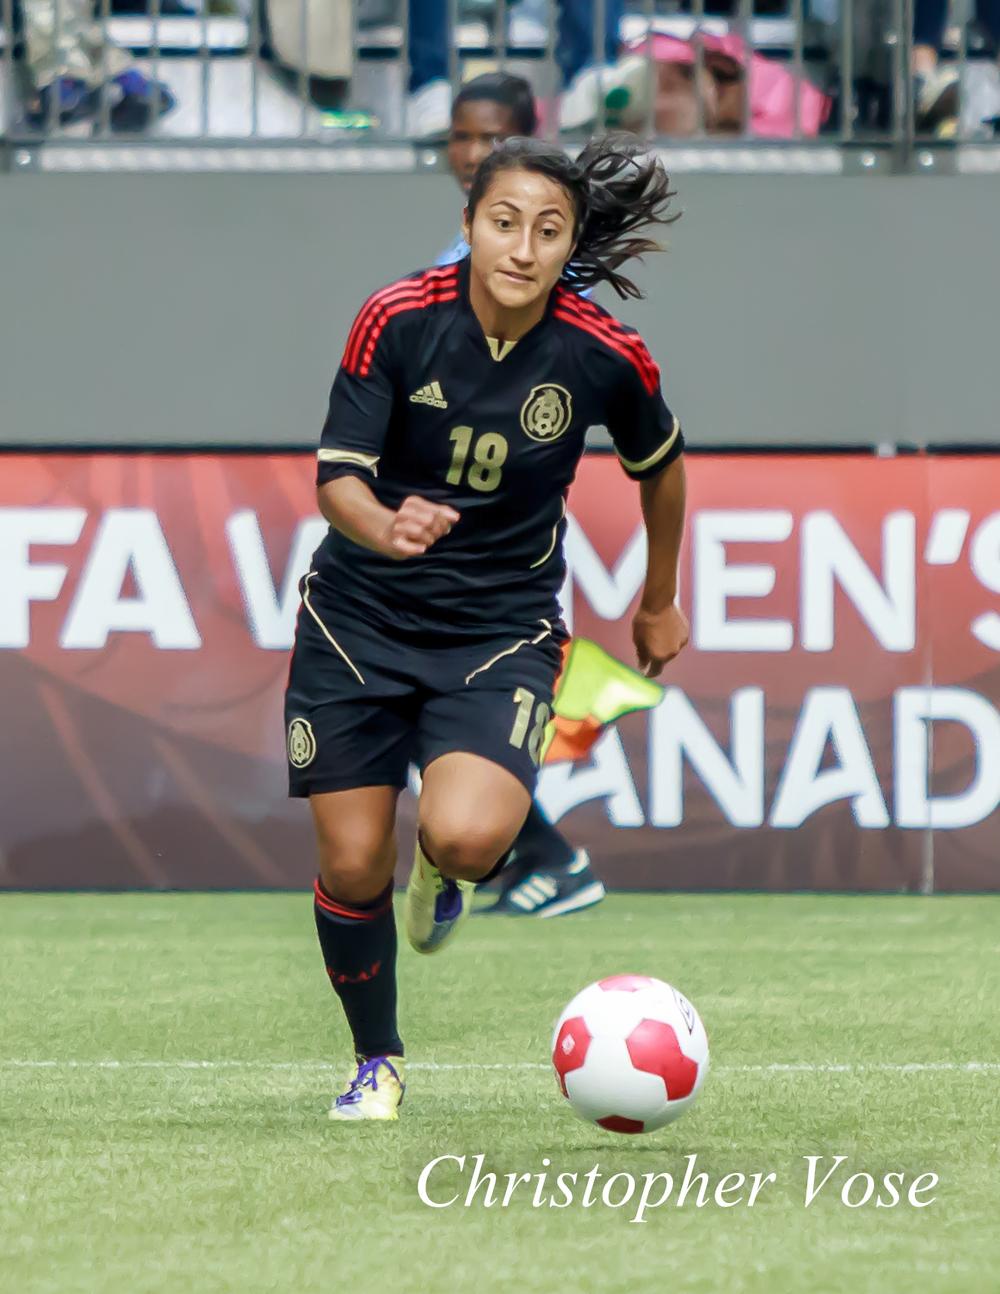 2013-11-24 Jackie Acevedo.jpg